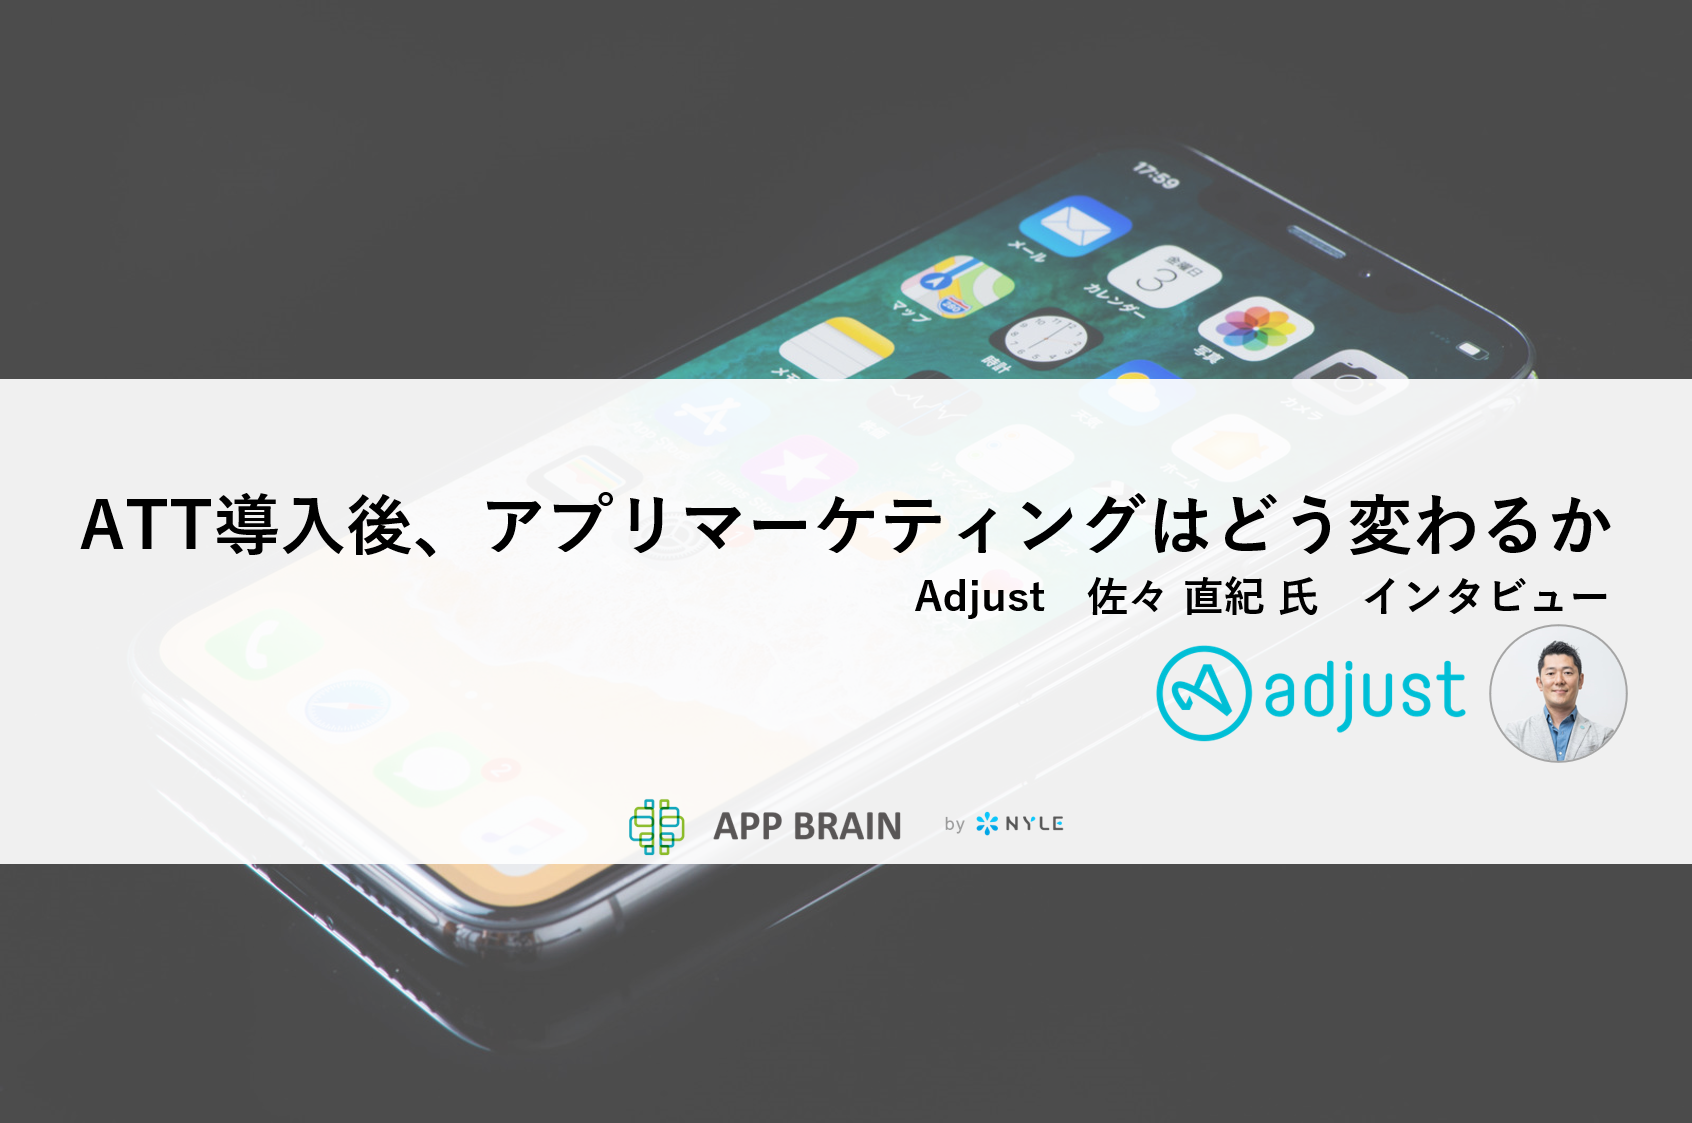 【Adjust最新インタビュー】ATT導入後、アプリマーケティングはどう変わるか